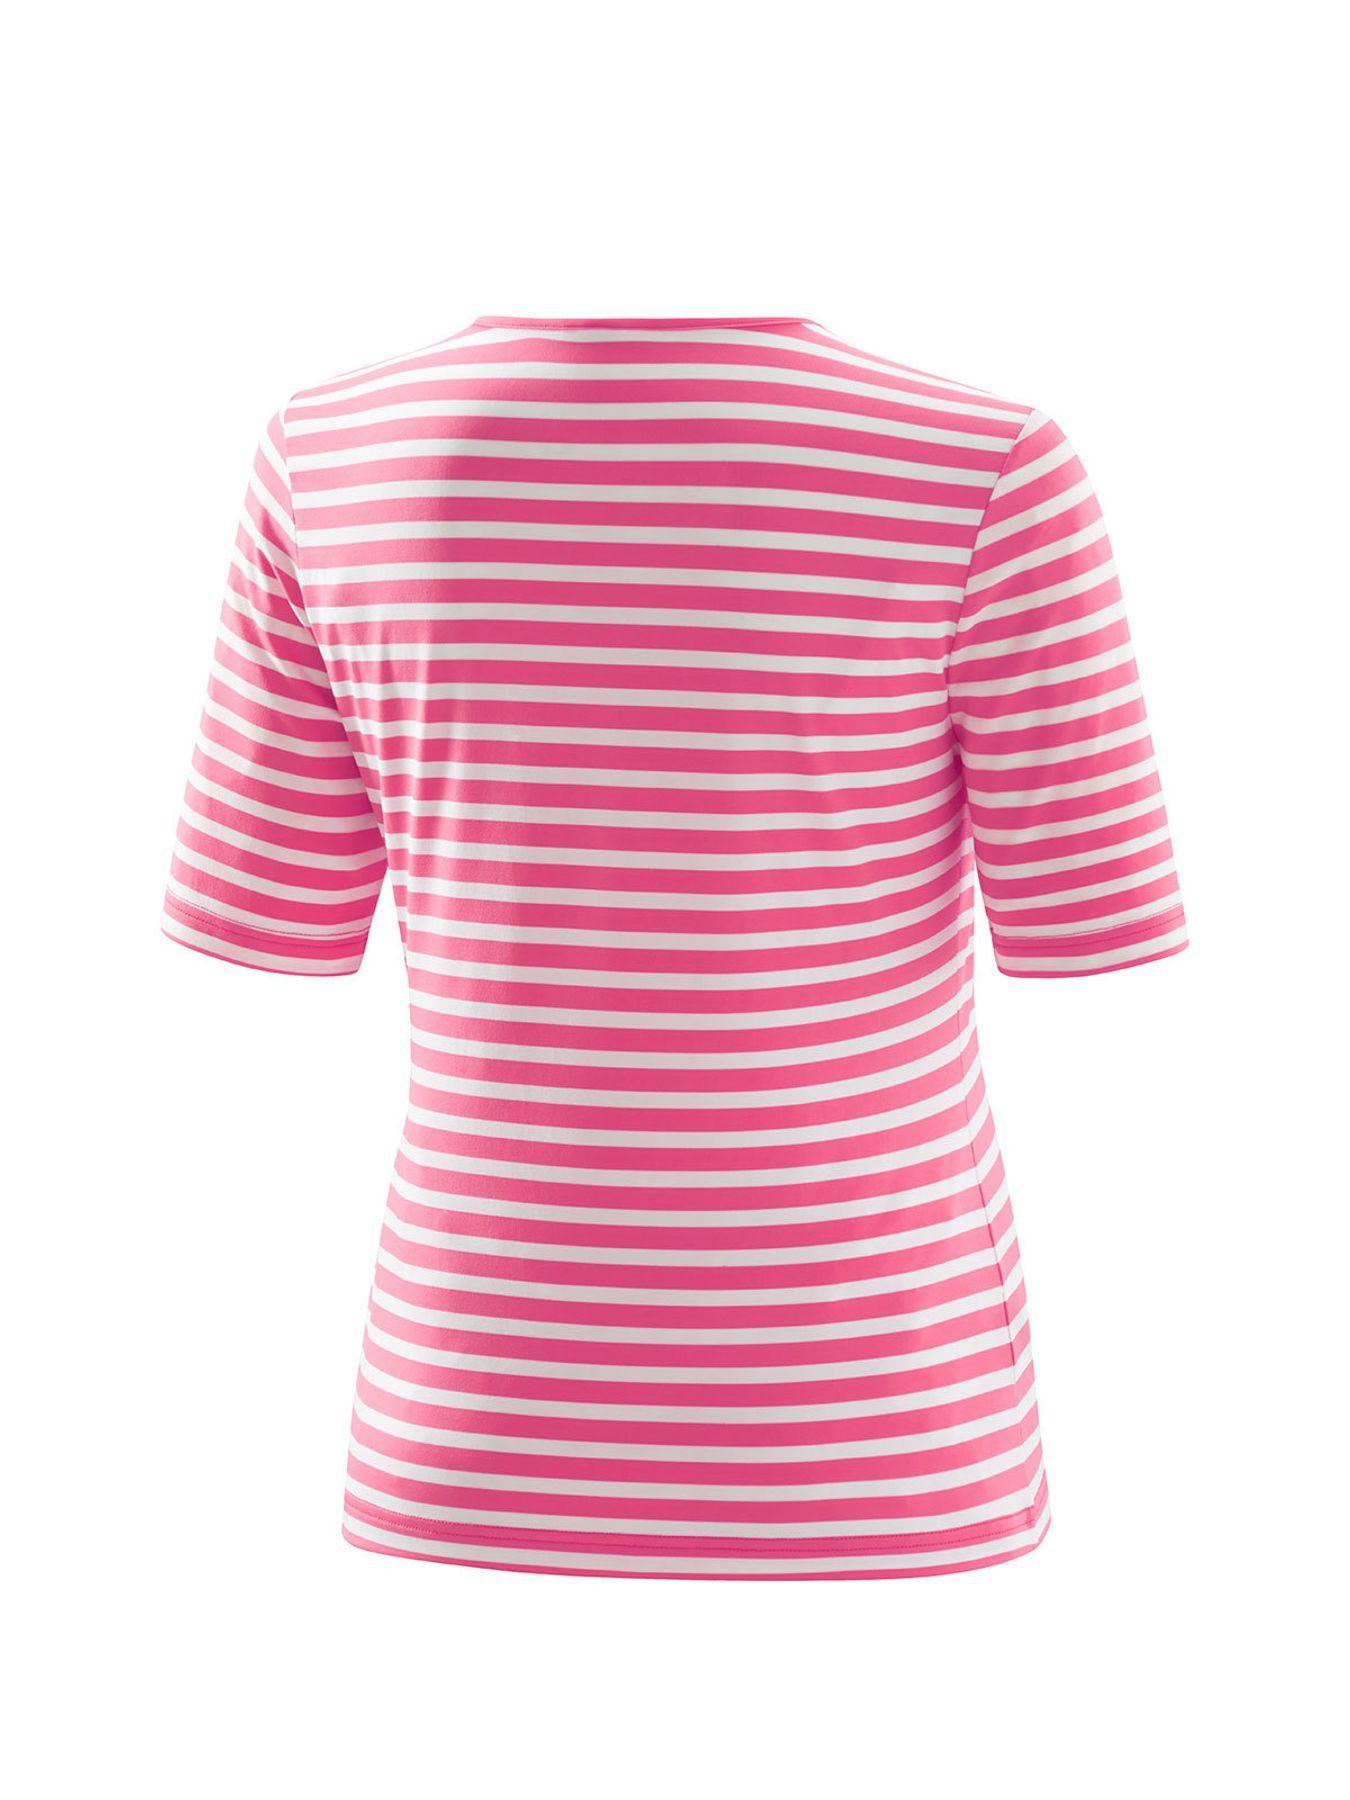 Joy - Damen Sport und Freizeit Shirt in verschiedenen Farbvarianten, Allegra (30195 A) – Bild 2